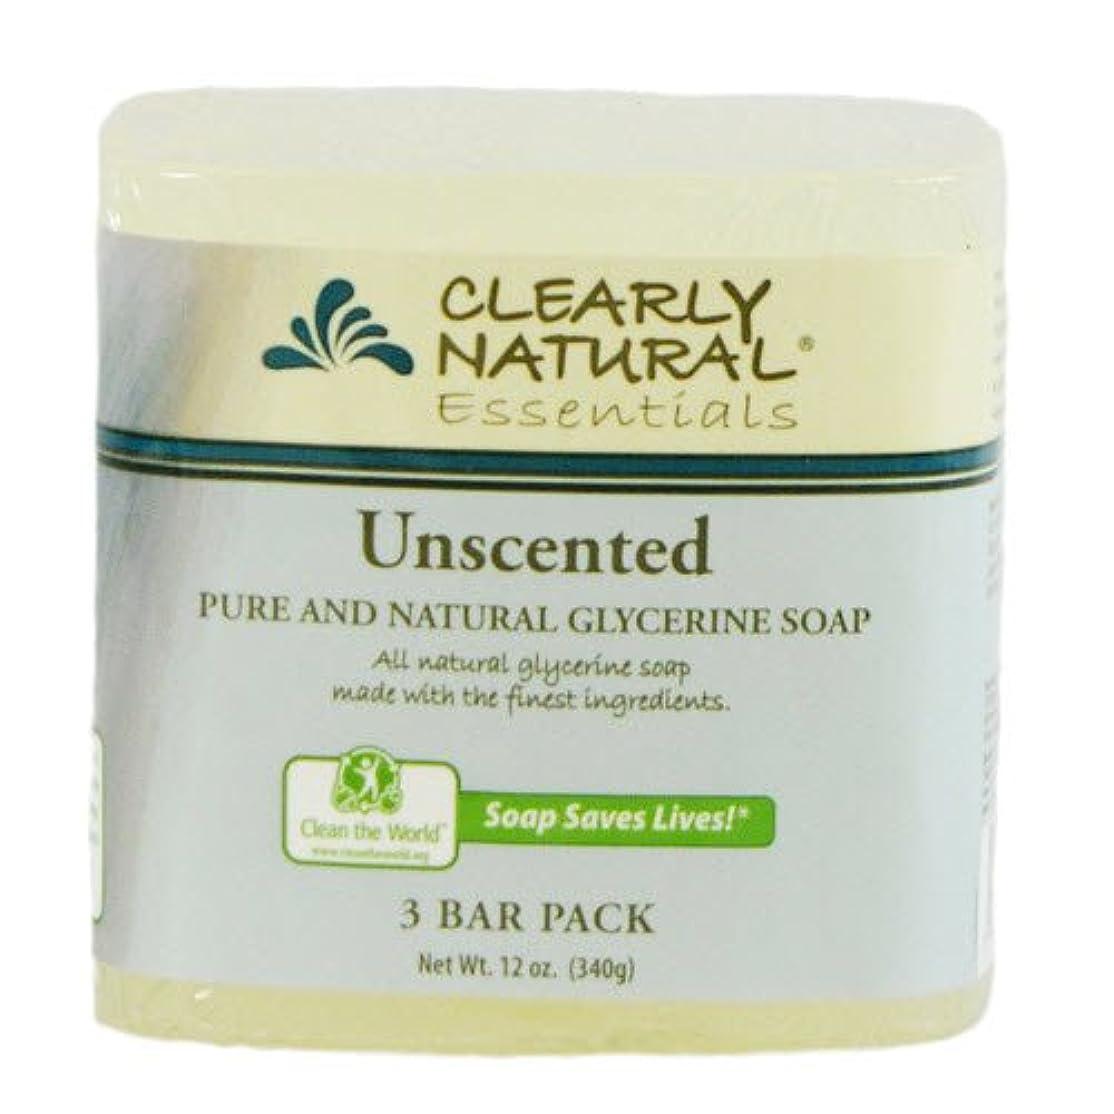 のれん成功優れましたClearly Natural, Pure and Natural Glycerine Soap, Unscented, 3 Bar Pack, 4 oz Each